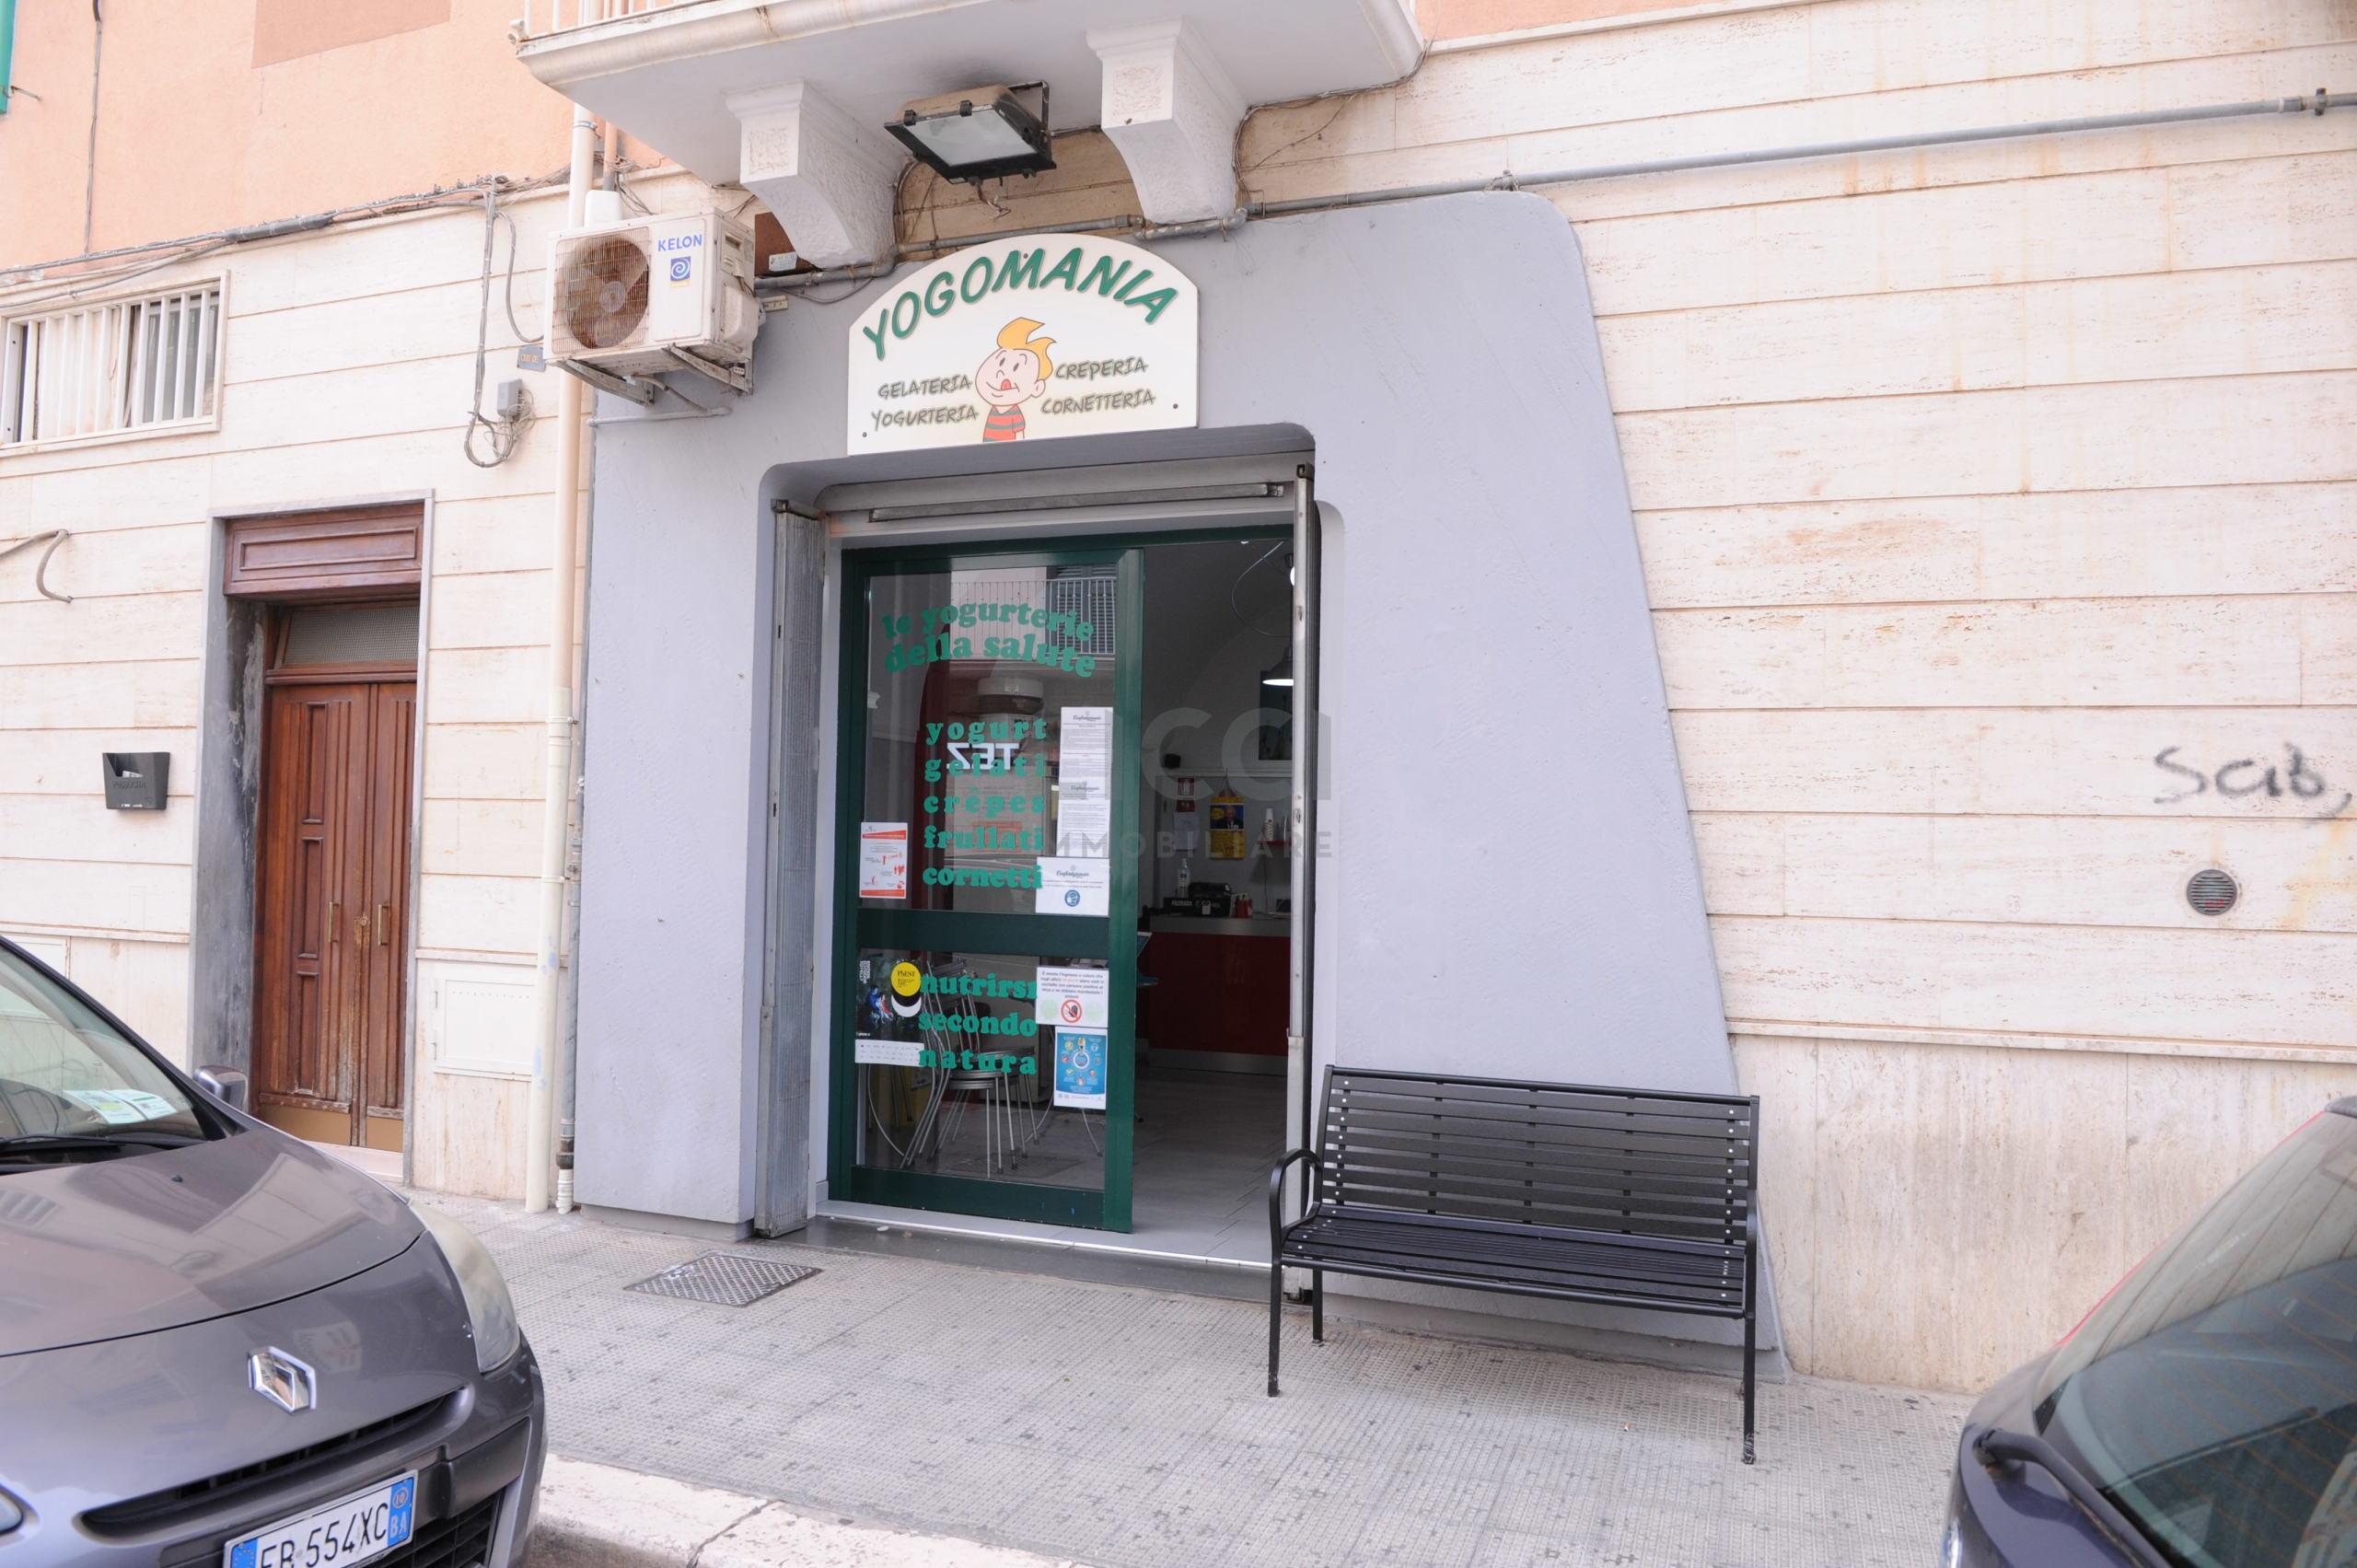 Gelateria a Monopoli, Centrale